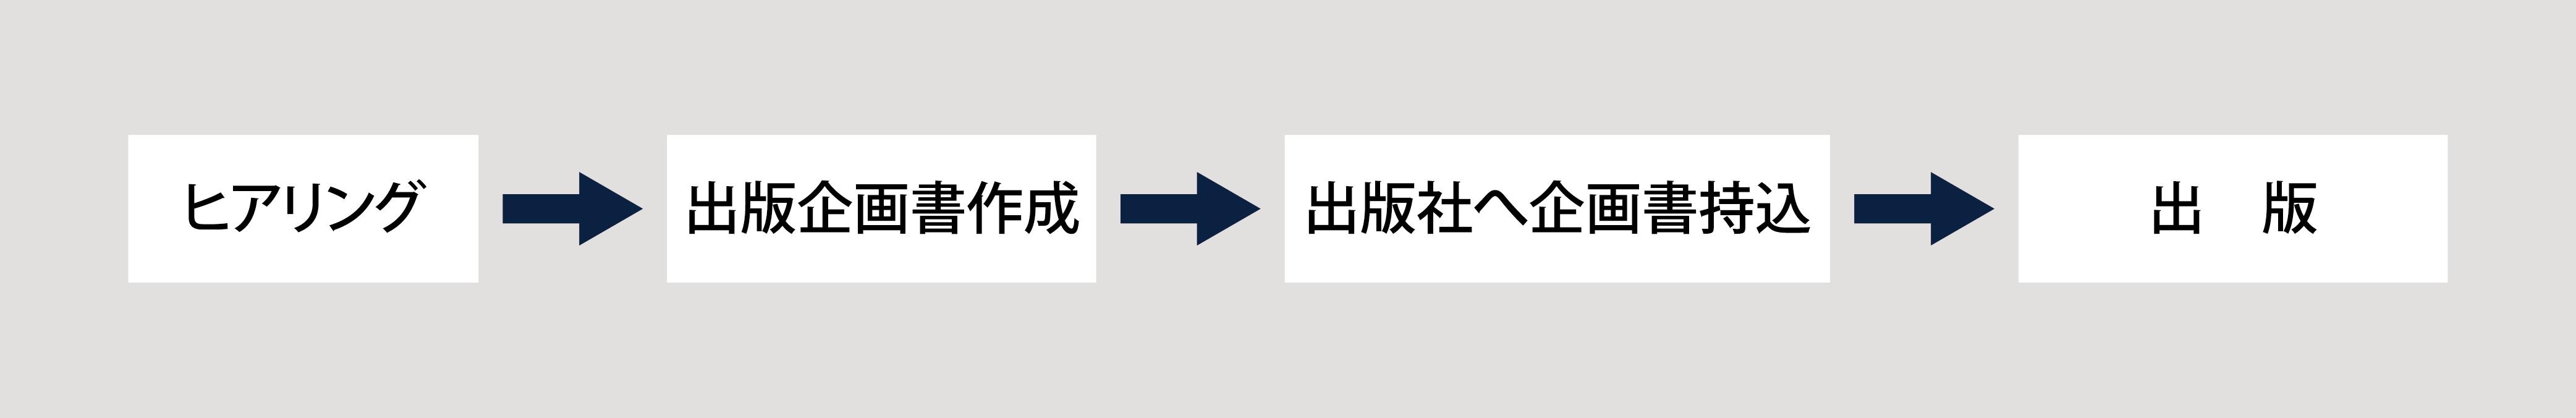 出版コンサルティング図_ol